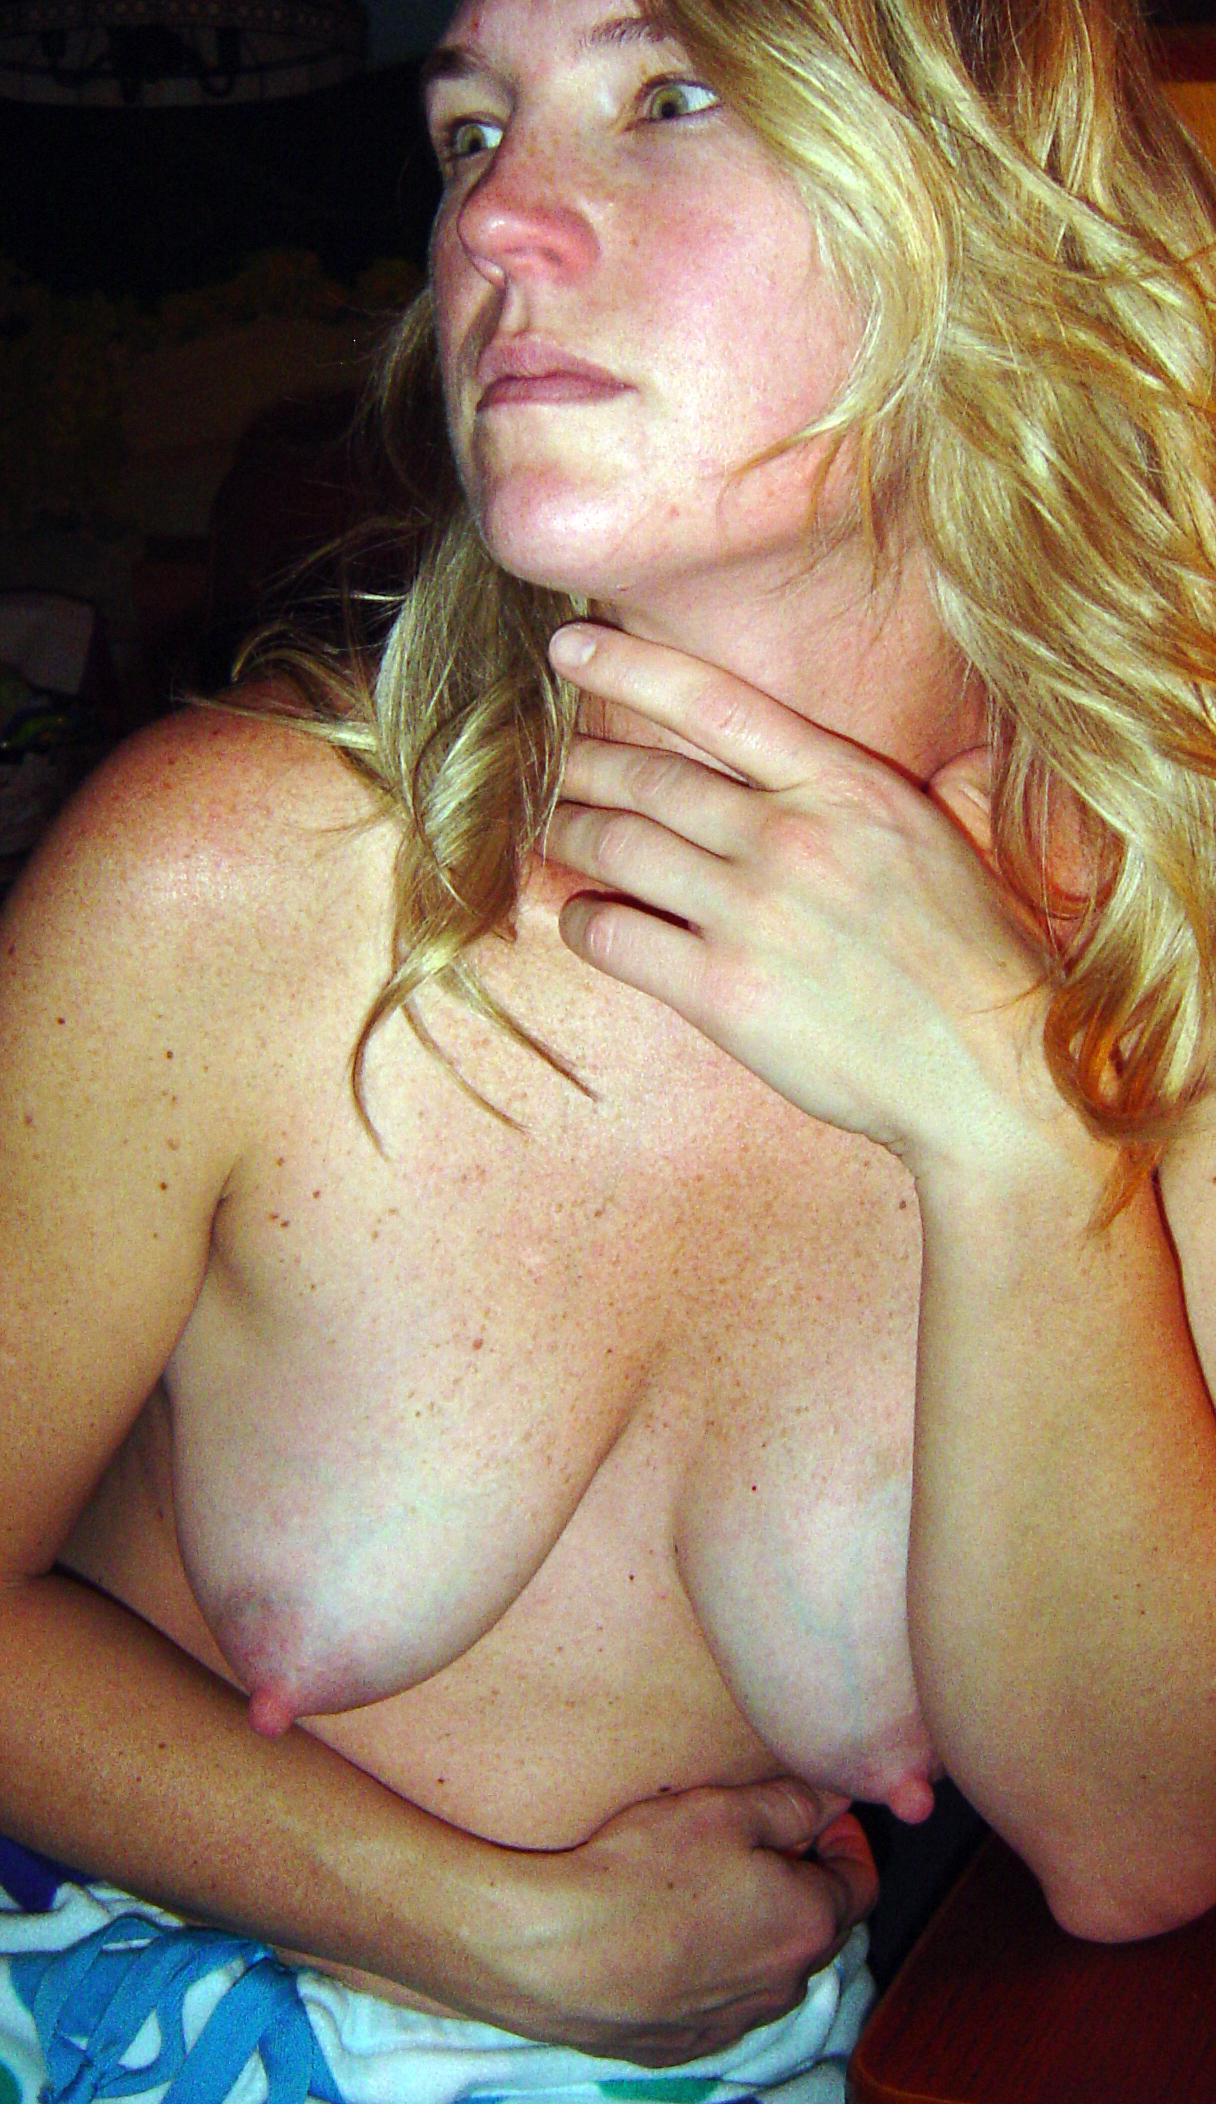 Amateur blonde milf nude naked moms